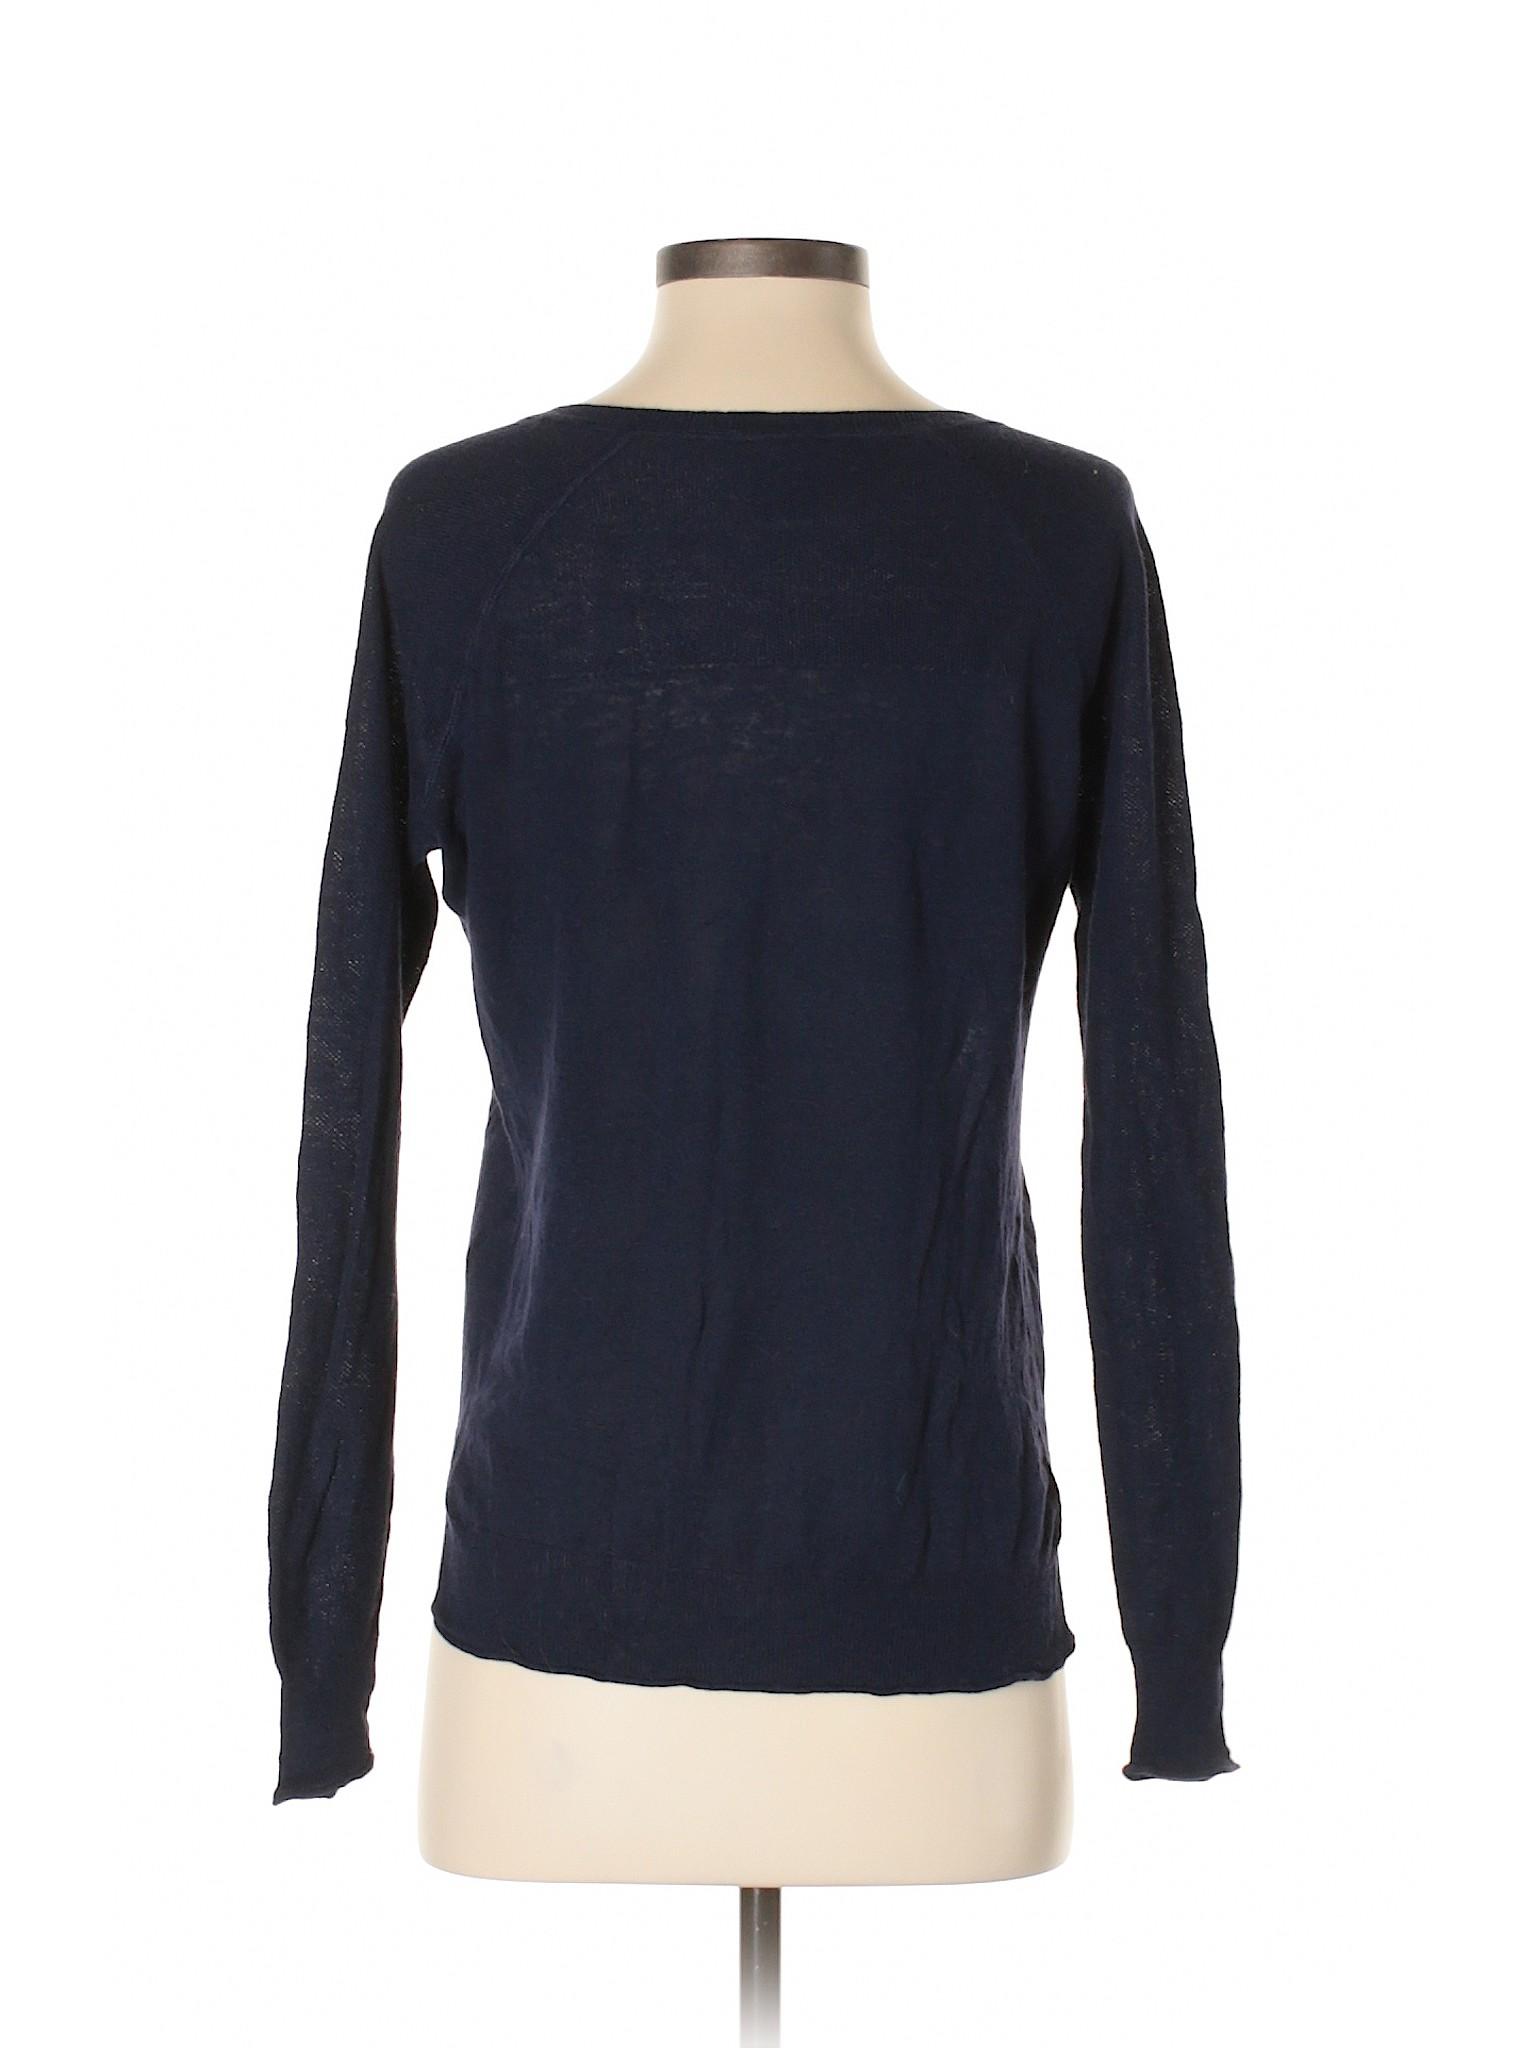 Boutique Pullover Boutique Boutique Sweater Sweater Gap Gap Pullover Gap Pullover rArqn86